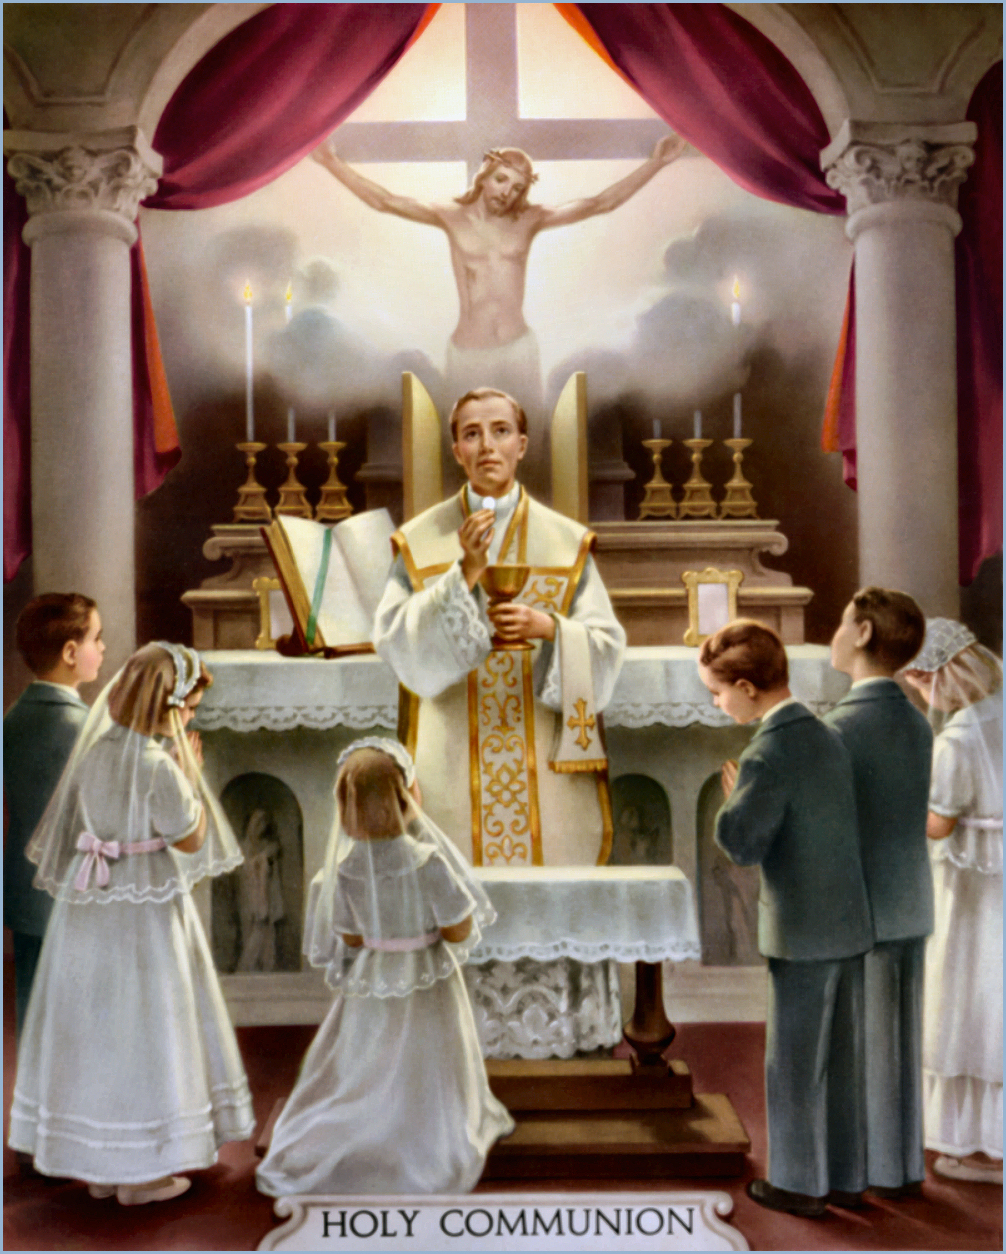 sacrament3 - The Beauty of the Roman Catholic Faith - Photos Unlimited